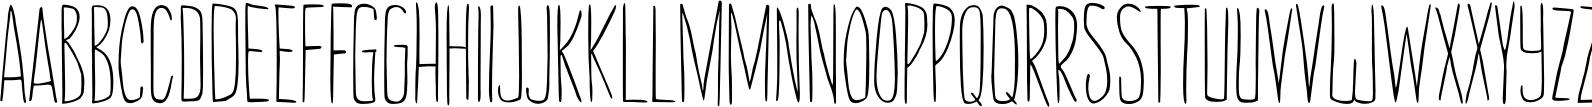 Amarelinha